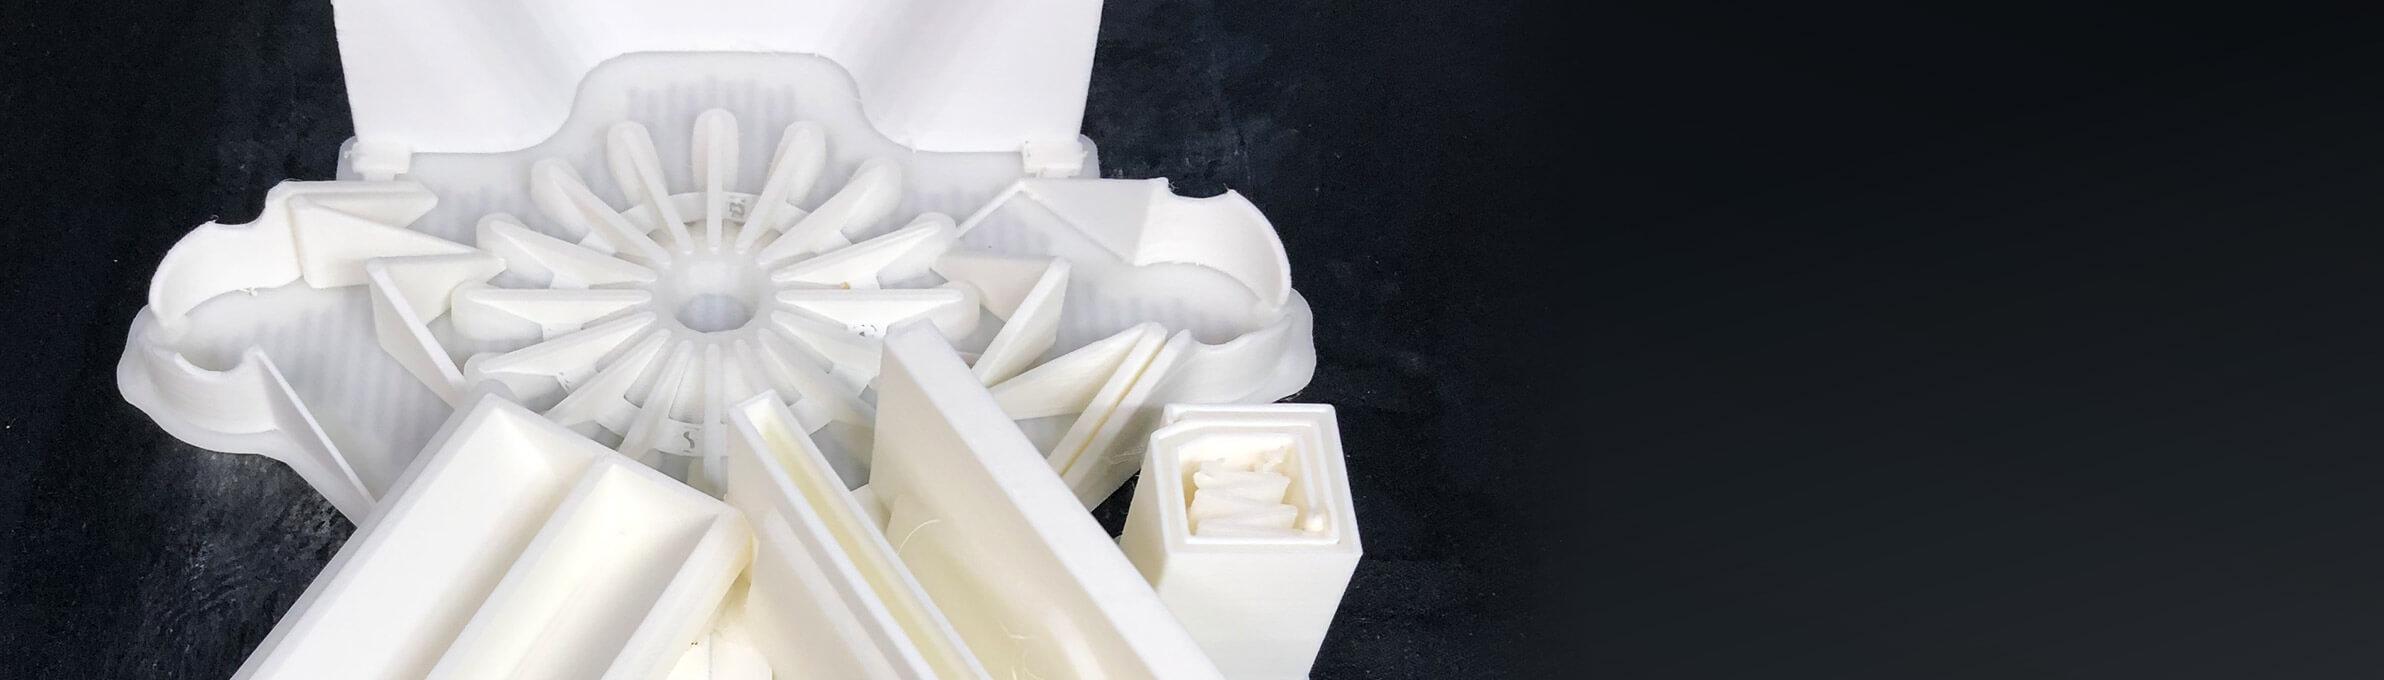 Hemos fabricado la geometría más difícil de imprimir en ABS puro